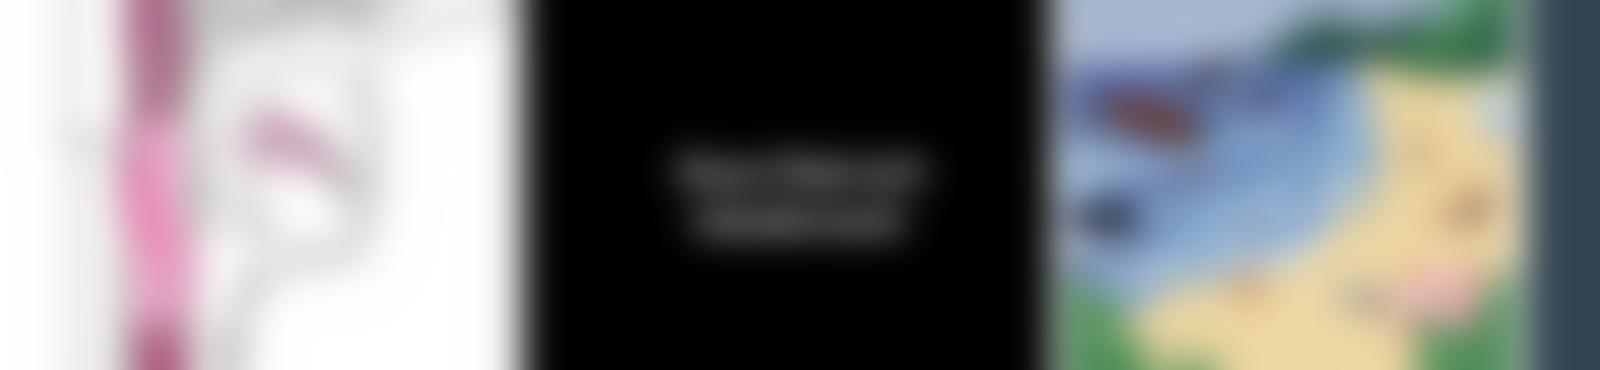 Blurred f70bb110 1414 40ca 927c b28cac9ef908